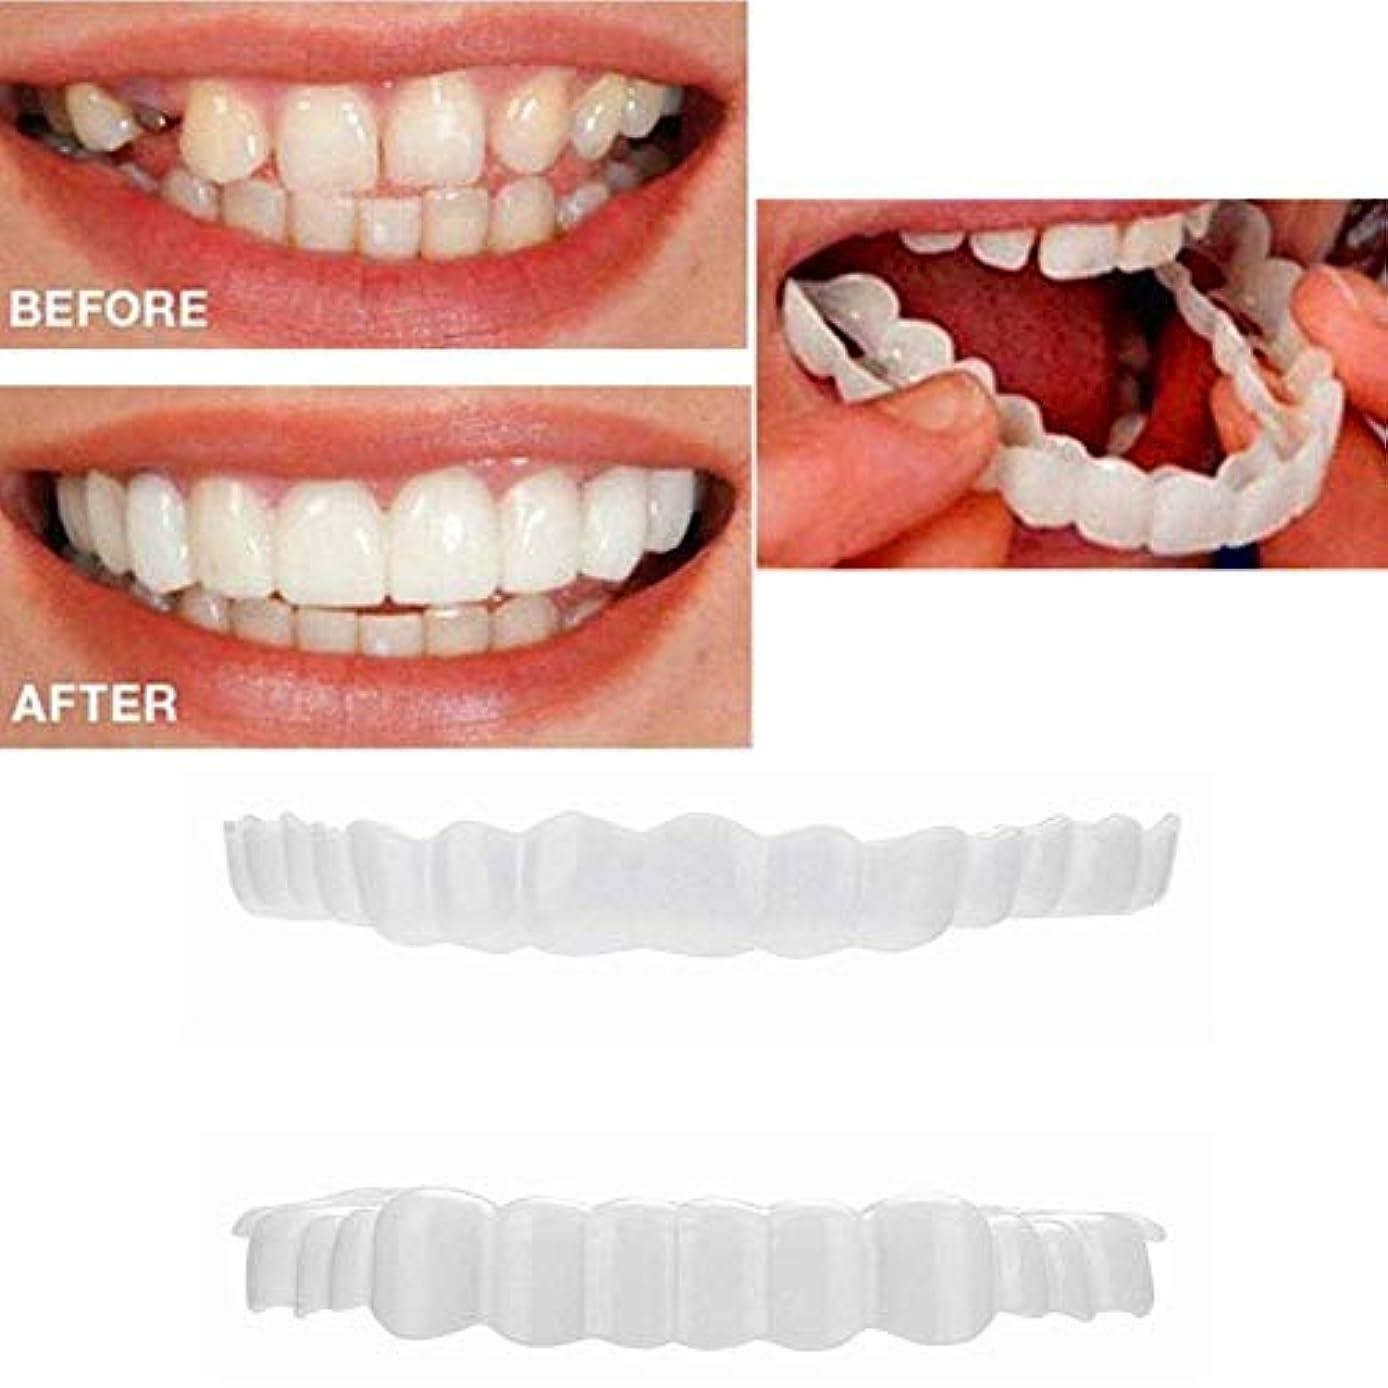 体現する肝ナット最新の化粧板の歯、化粧品の歯3組 - 一時的な笑顔の快適さフィットフレックス化粧品の歯、ワンサイズ、スーペリアーとローワーコンフォートベニア - (Lower + Upper)